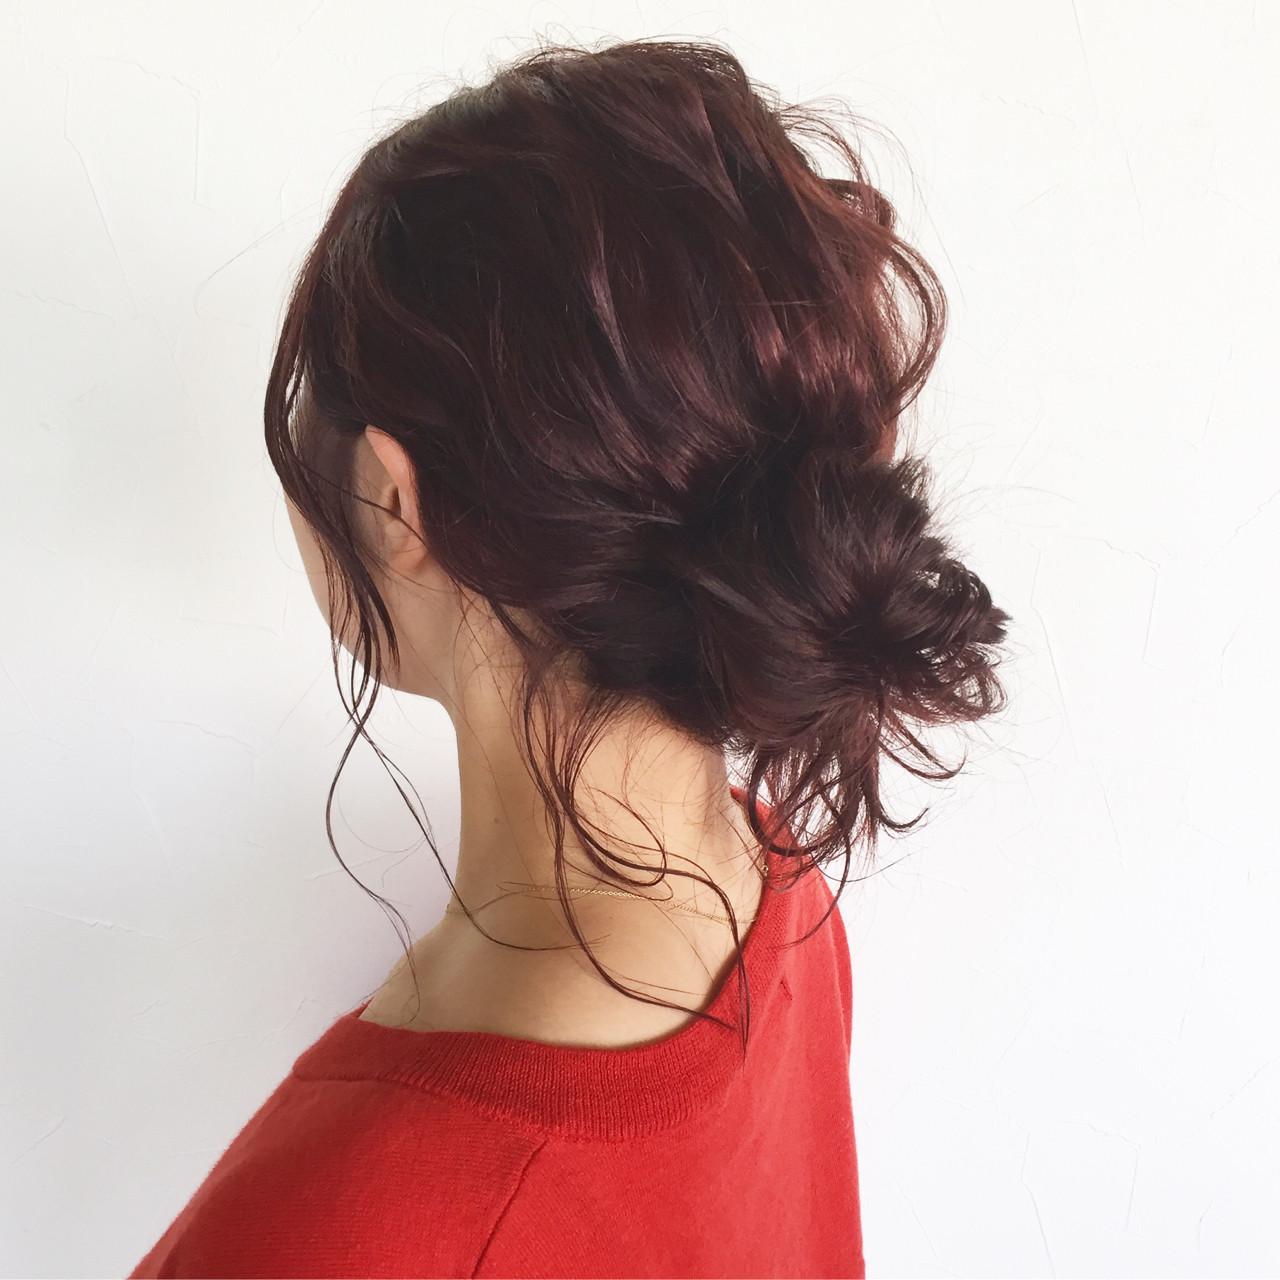 おだんごを作るとき、あえておくれ毛を作ることで大人っぽく、こなれた印象になりますよ。落ち着きのあるダークカラーでも、おくれ毛を作ることで重くなることがありません。また、女性らしさもプラスできます。